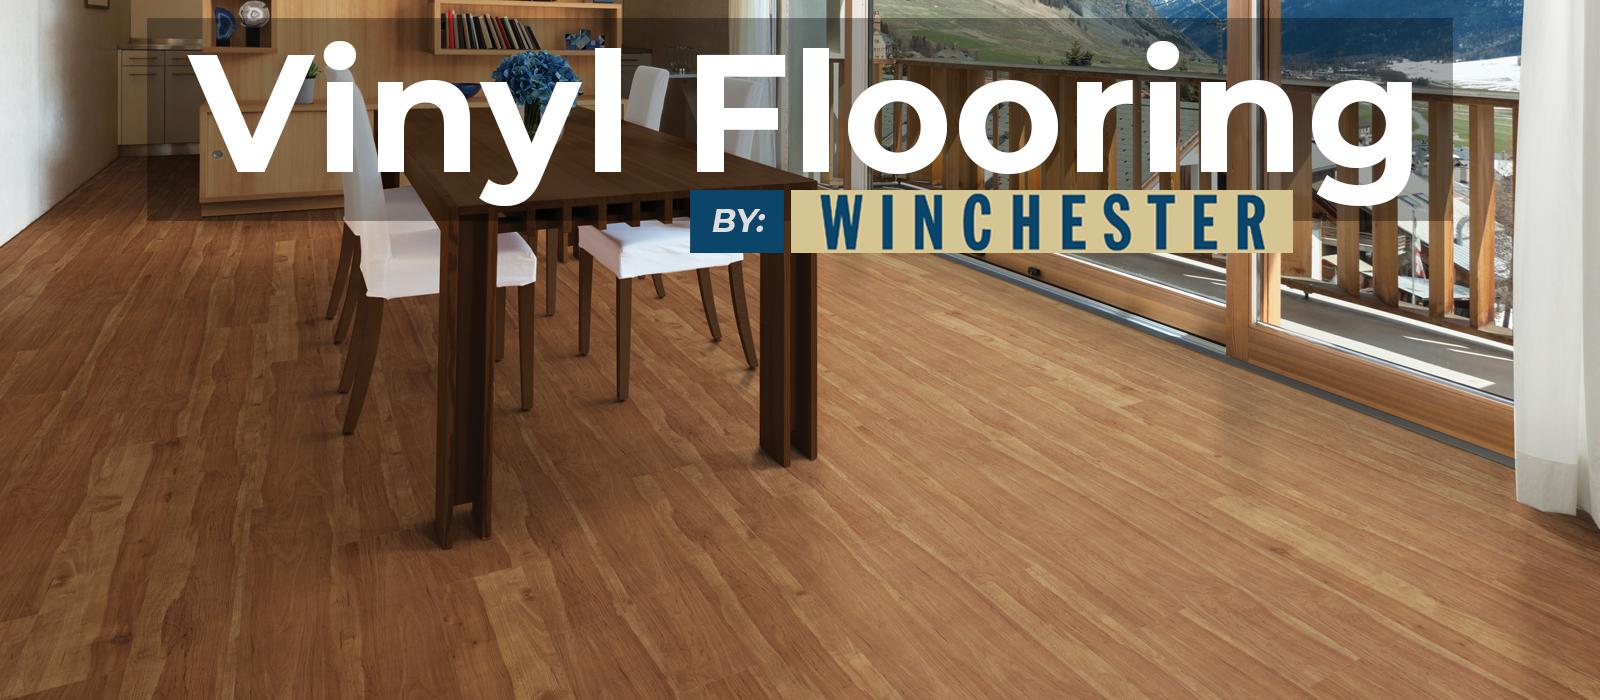 winchester vinyl flooring